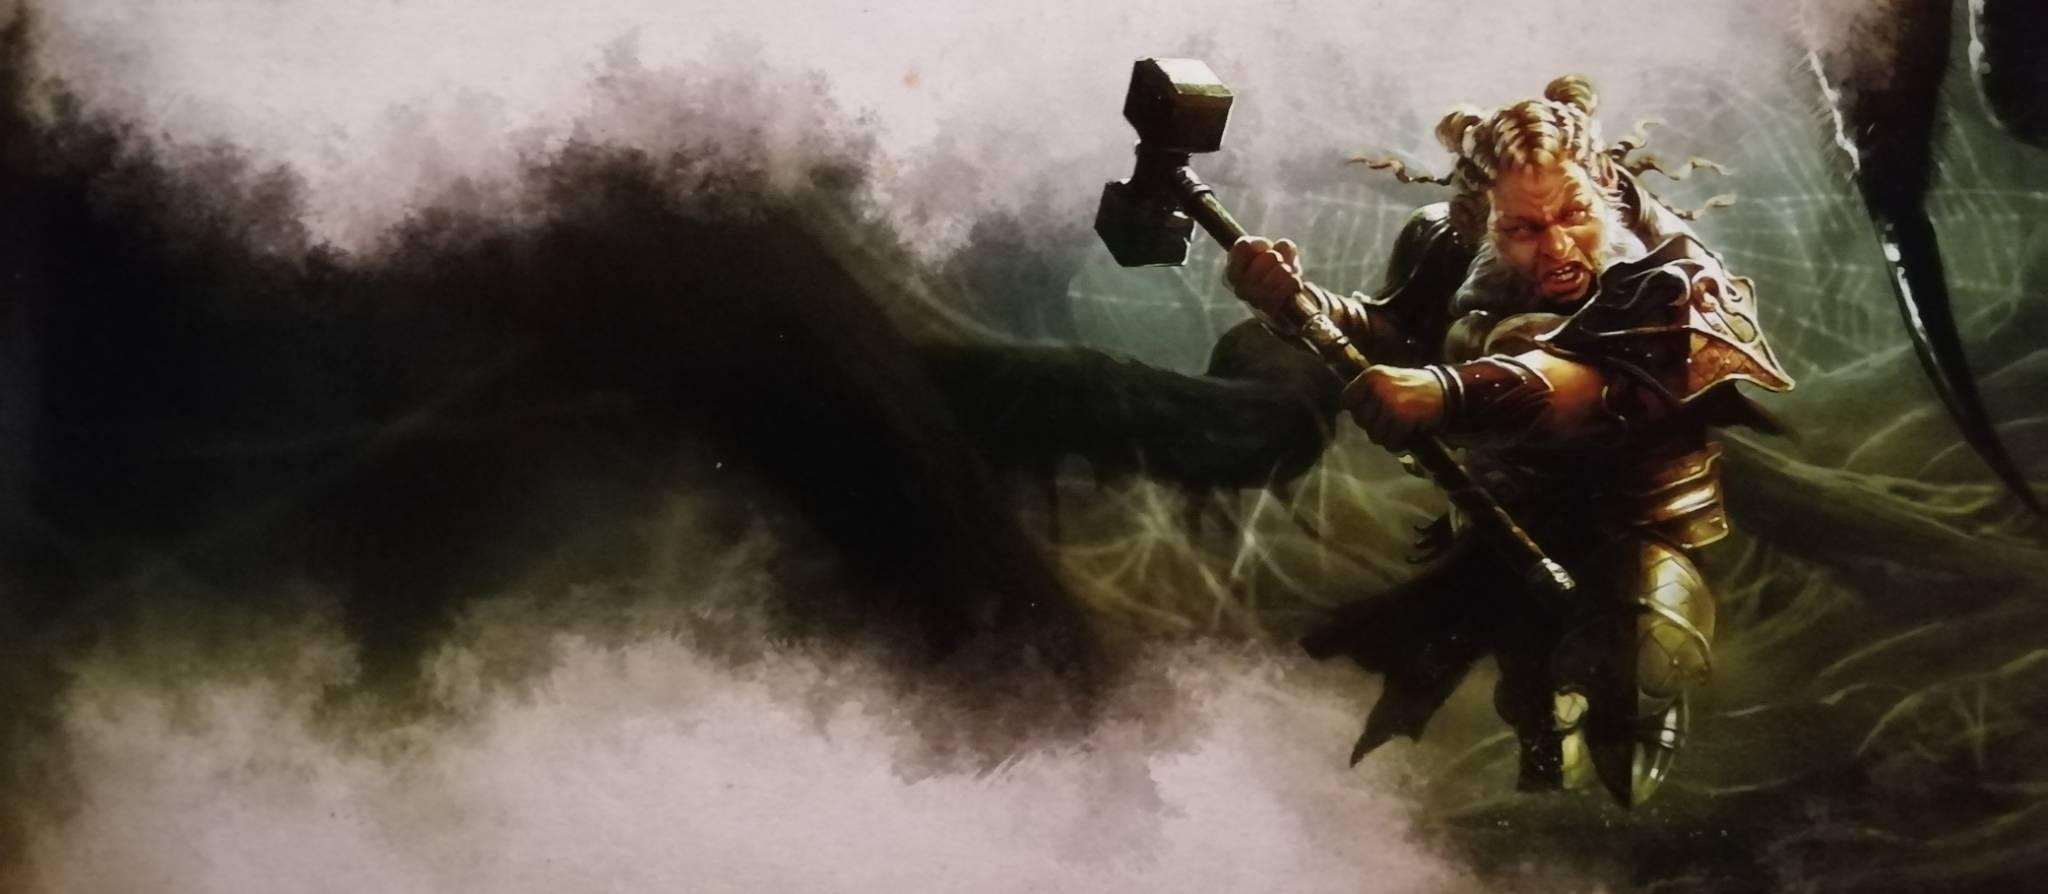 Il Signore degli Anelli - Viaggi nella Terra di Mezzo: Sentieri dell'Ombra